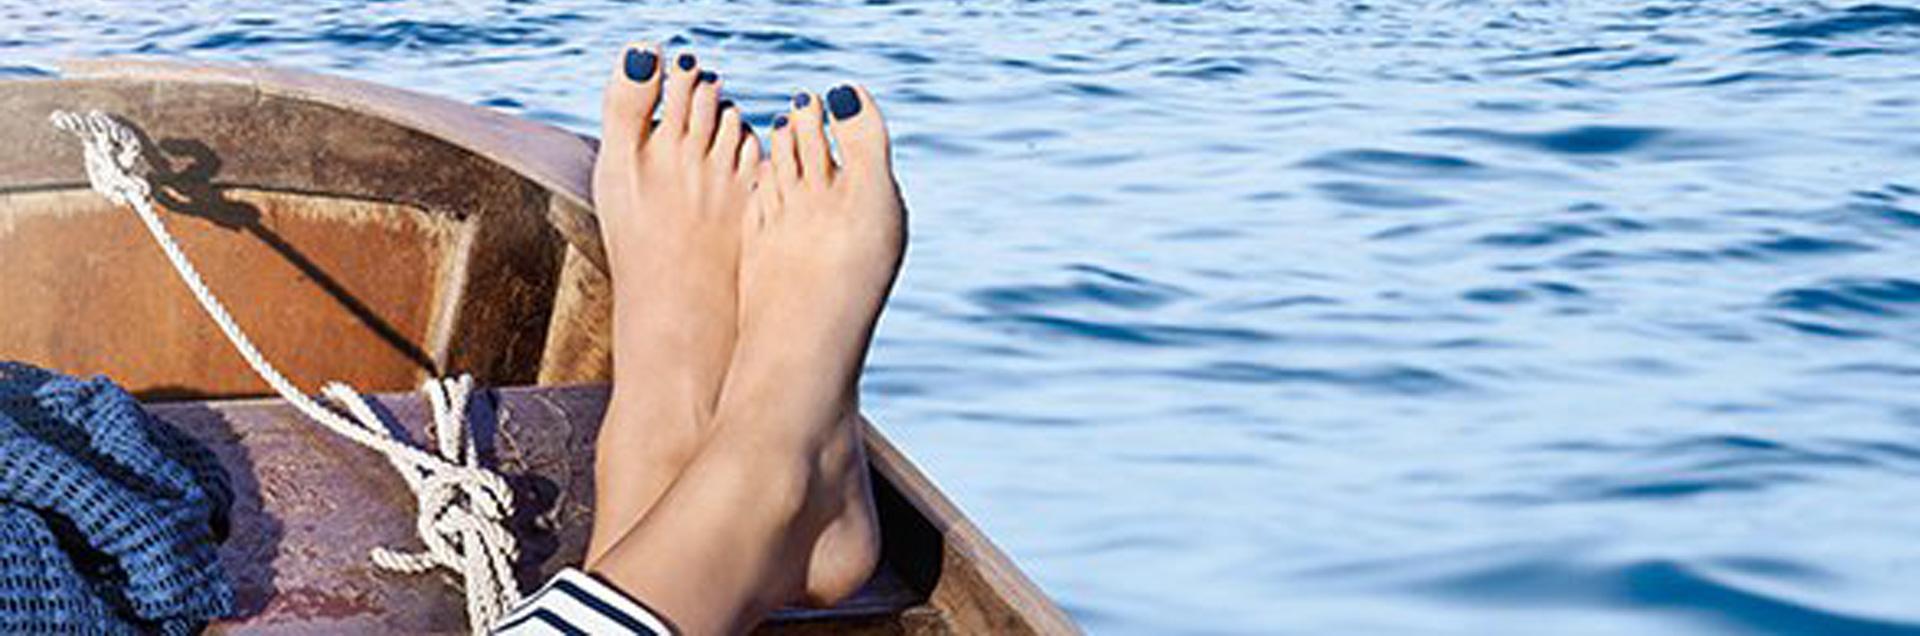 Histoire-d'ongles-la-rochelle-vernis-semi-permanent-ongles-en-gel-pieds